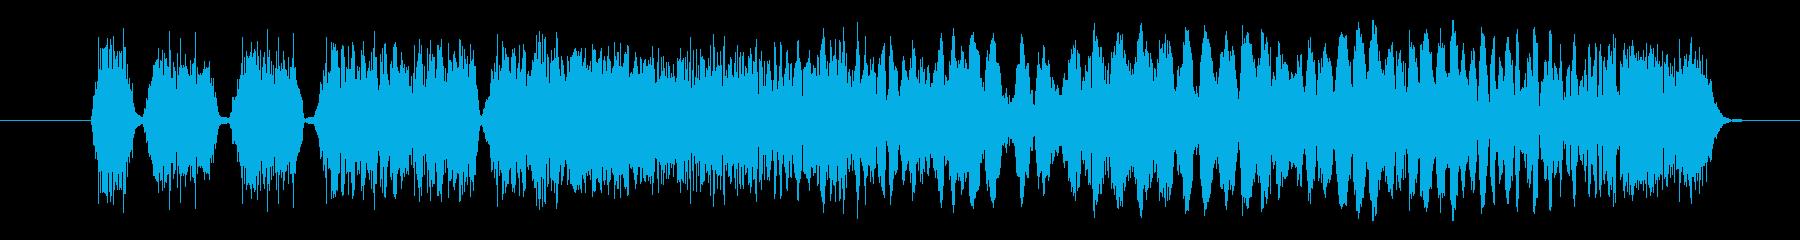 スタッタースイッチの再生済みの波形